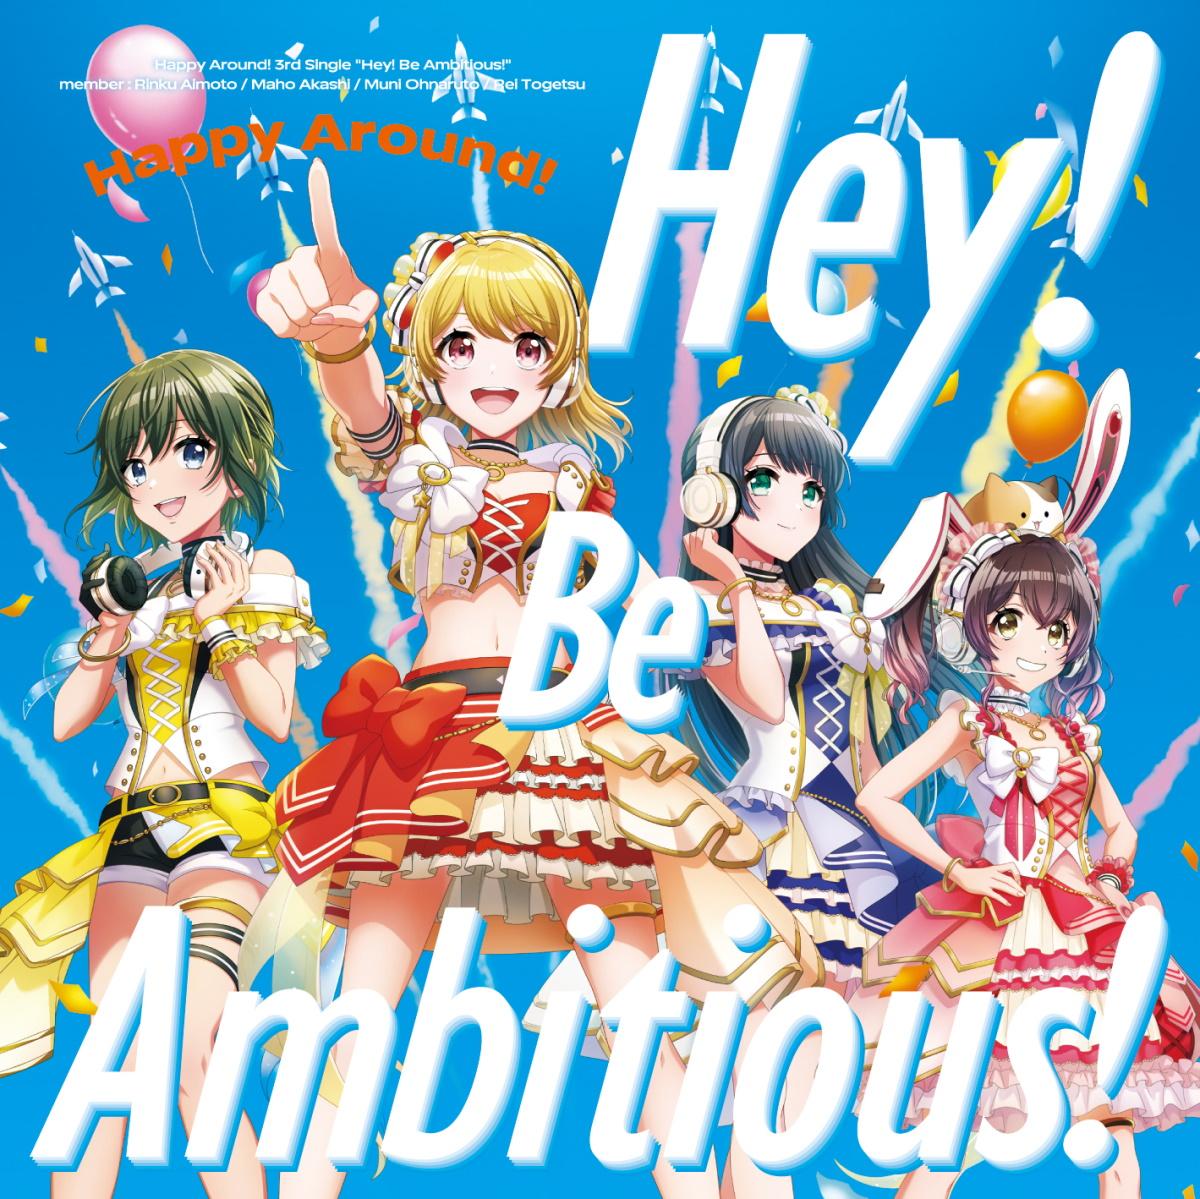 『Happy Around! - Hey! Be Ambitious!』収録の『Hey! Be Ambitious!』ジャケット